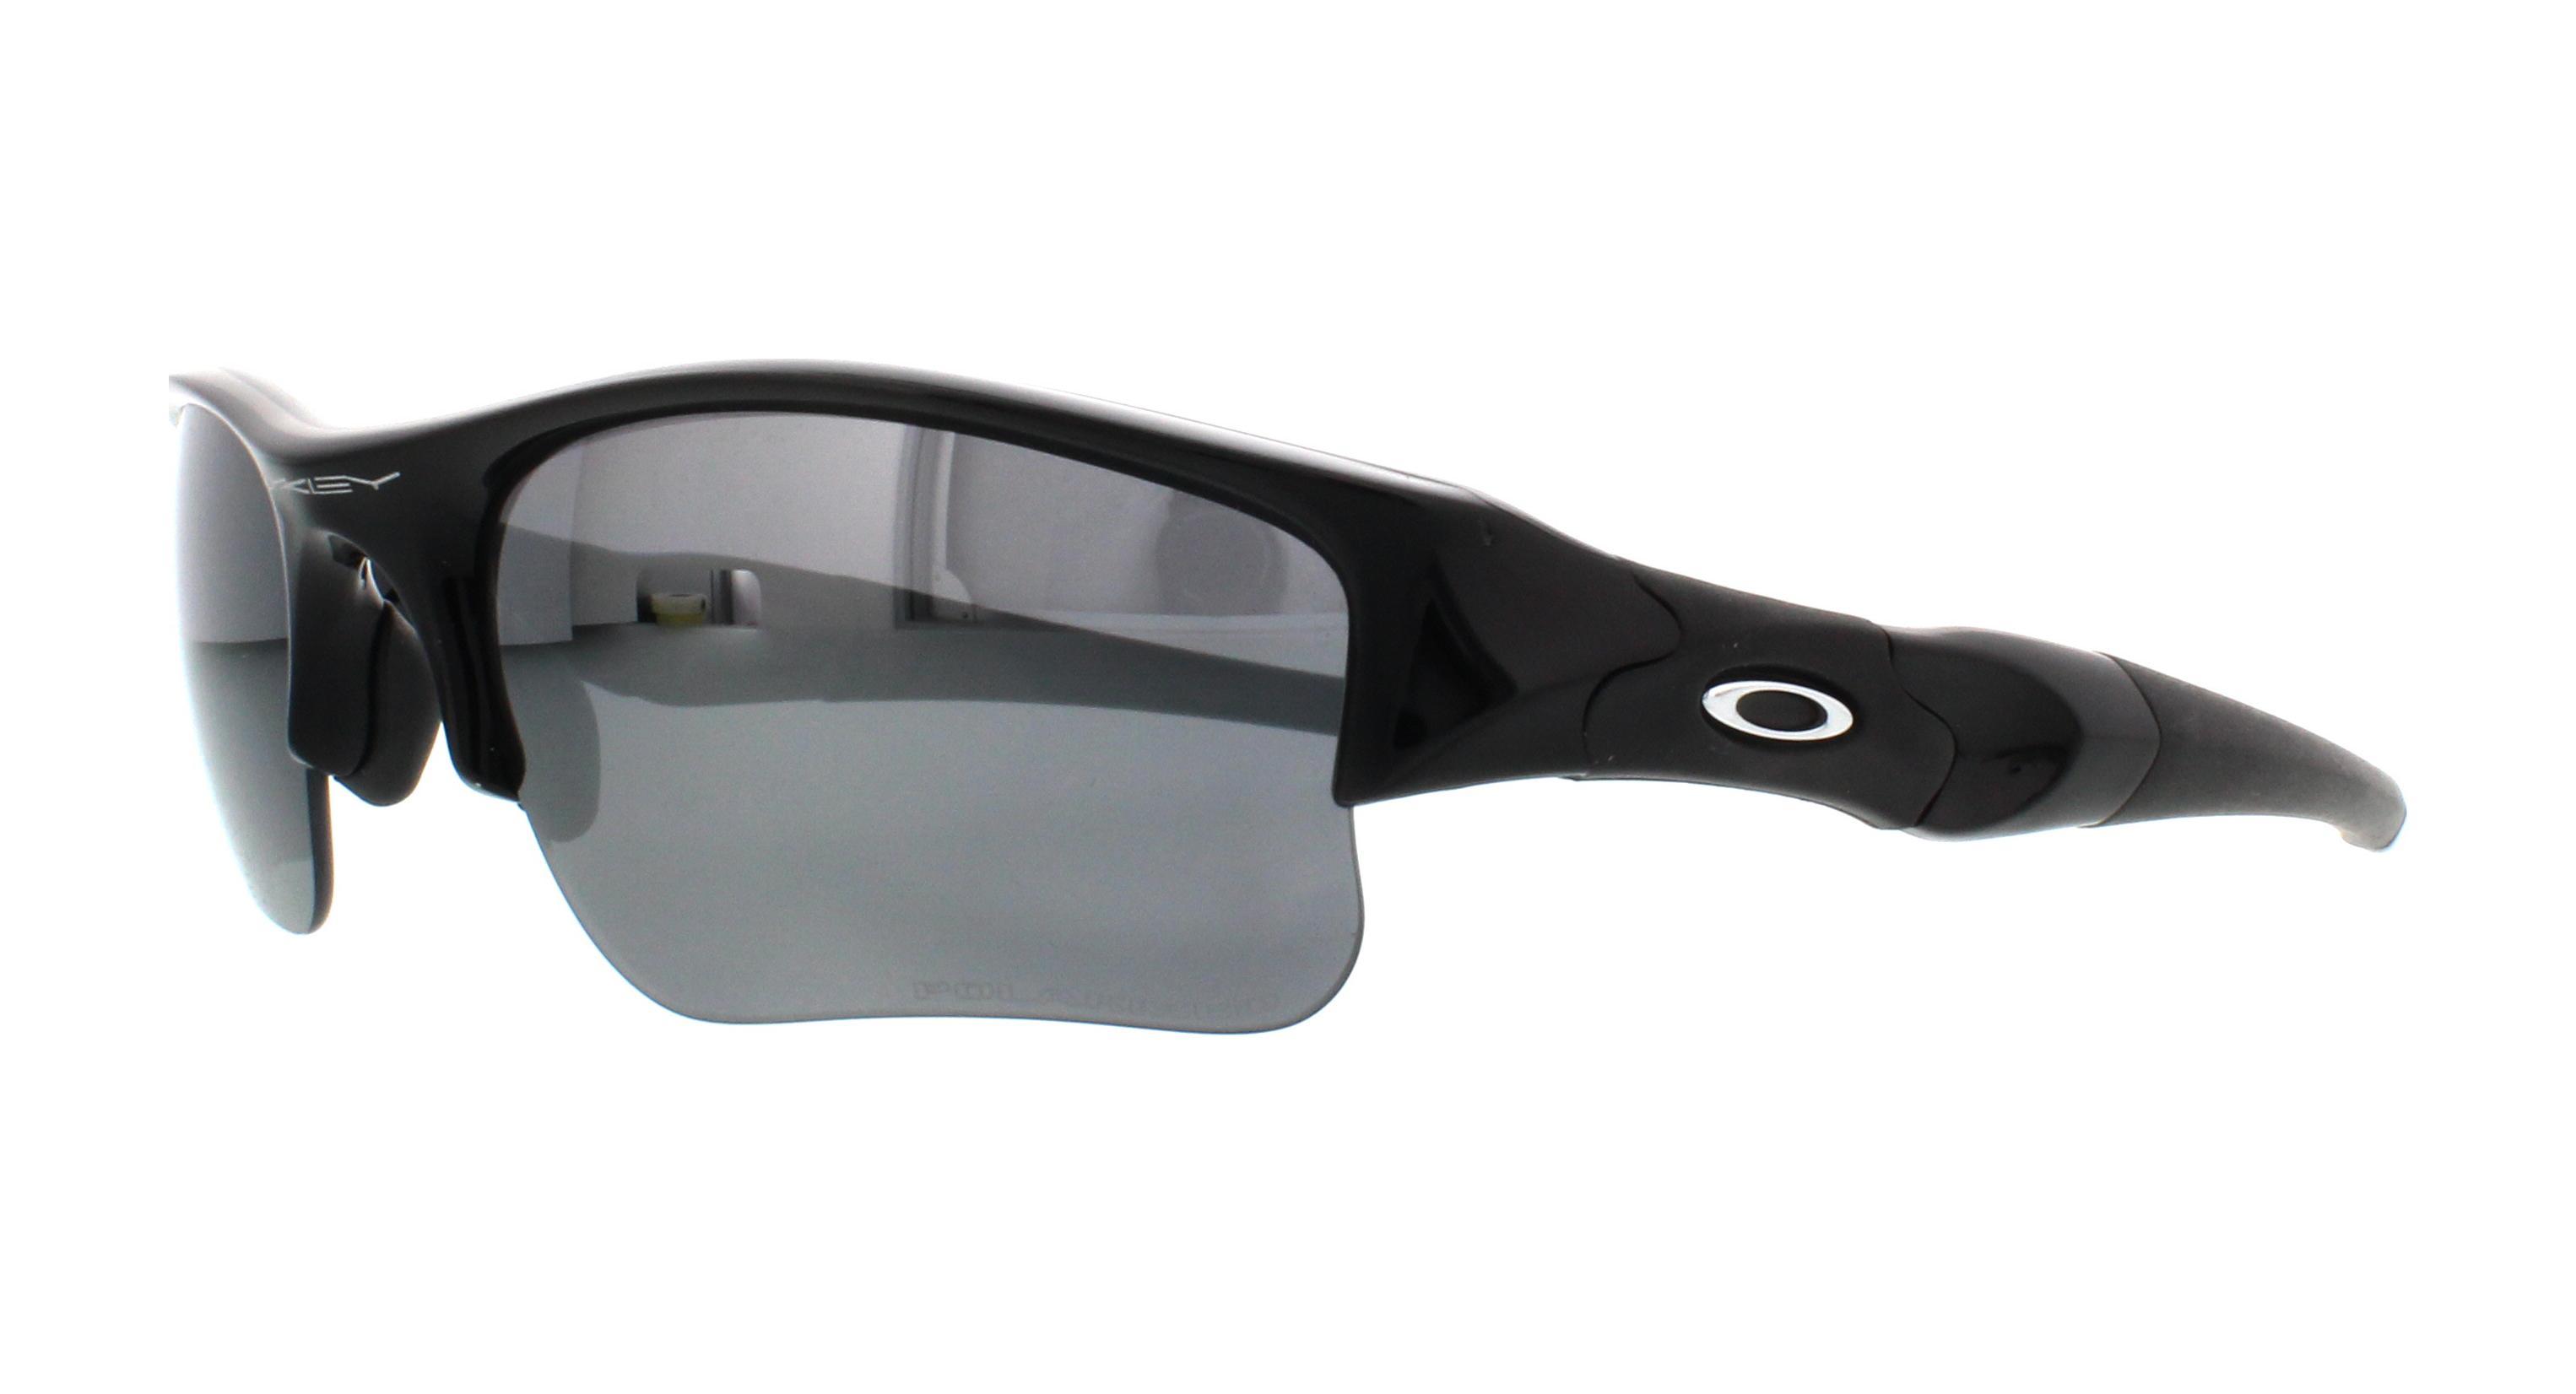 Oakley OO9011 12-903 63 mm/14 mm Y98h05